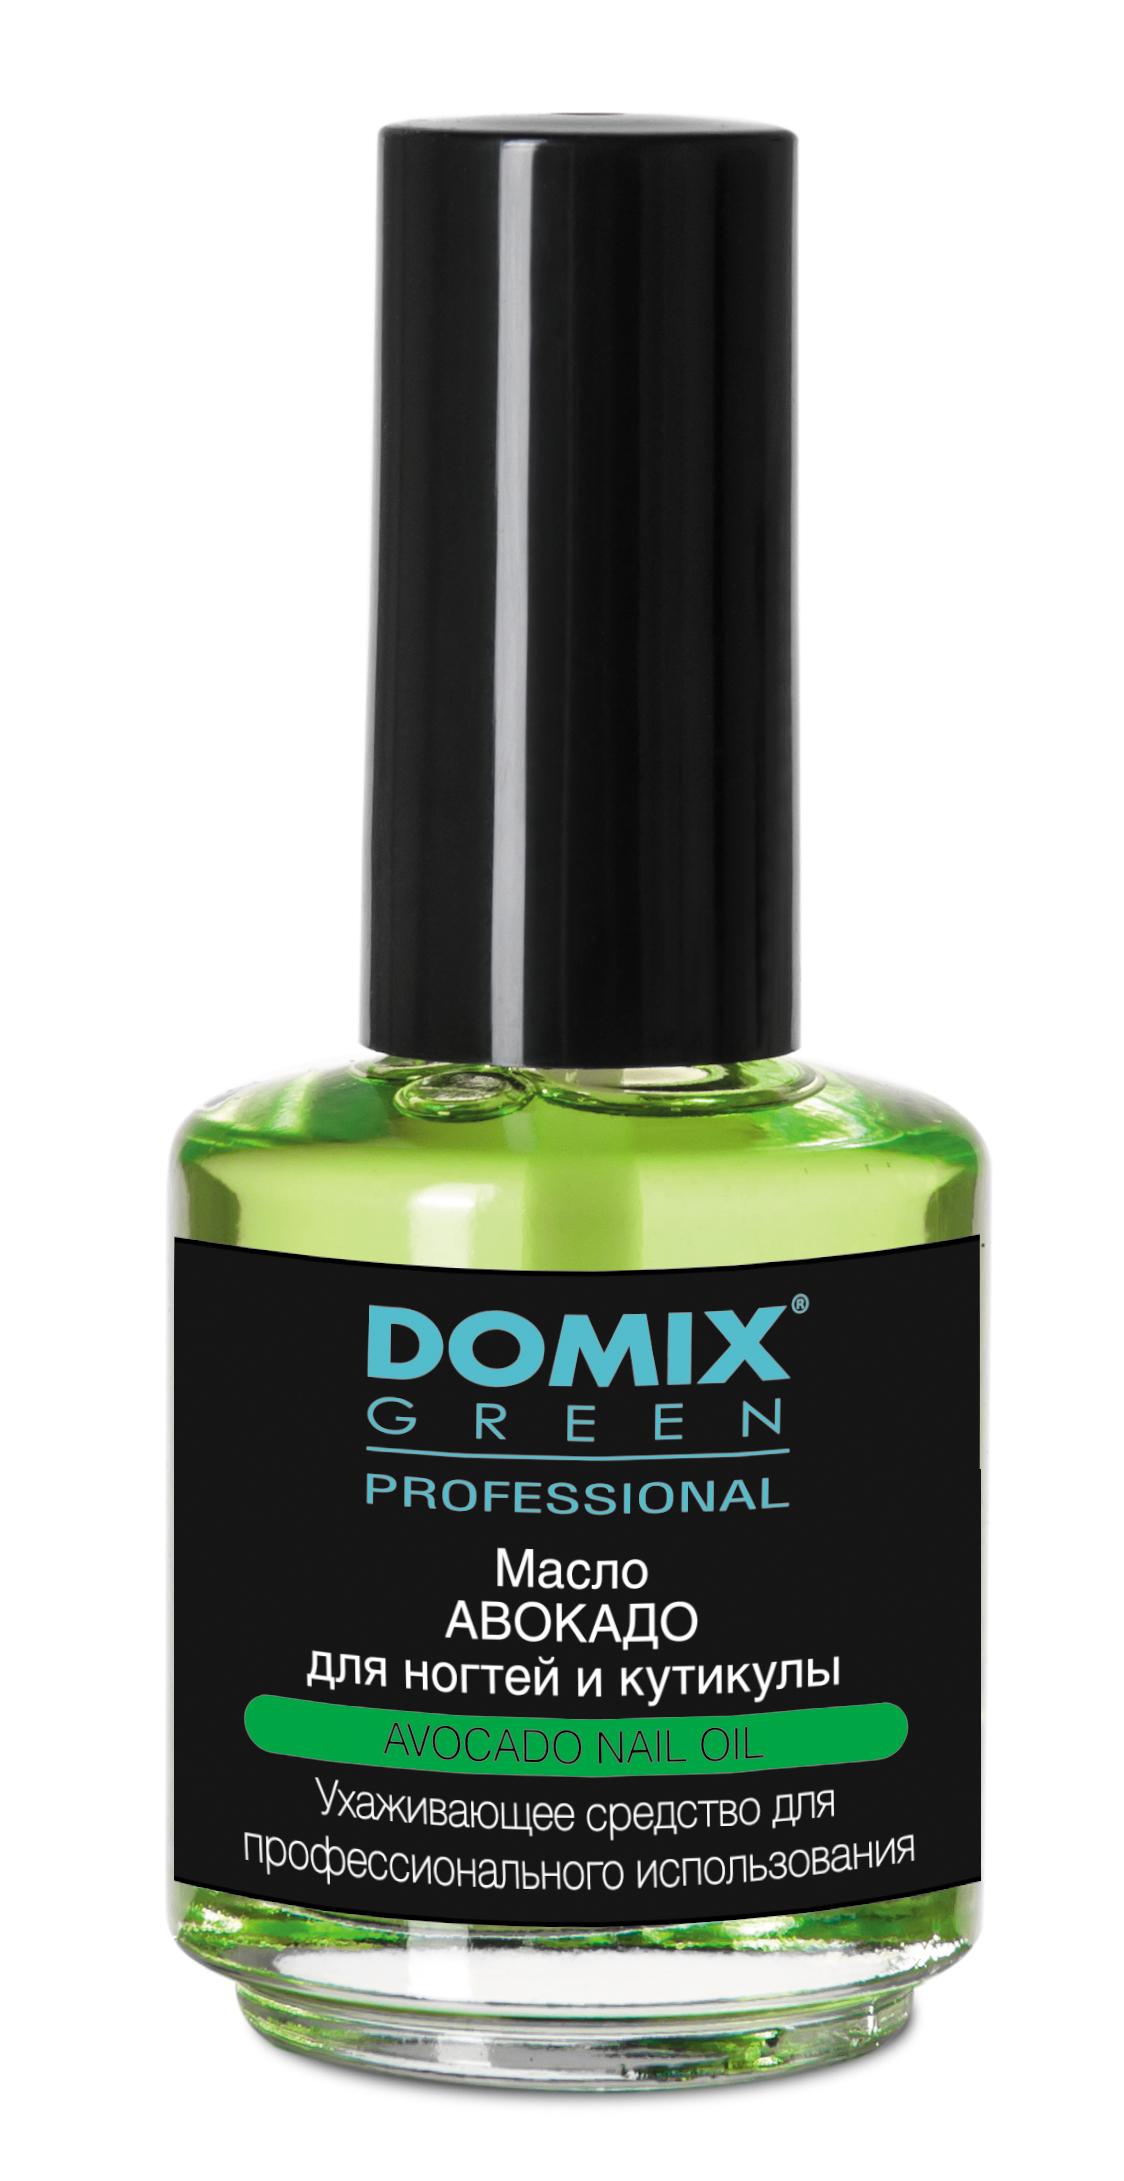 DOMIX Масло авокадо для ногтей и кутикулы / DGP 17млДля кутикулы<br>Ухаживающее средство для маникюра для профессионального использования с маслом авокадо и витаминами А, Е и F Обогащенное ценными витаминами масло авокадо оказывает комплексное ухаживающее воздействие на околоногтевую зону и истончённые ногти. Защищает от вредных внешних воздействий, ускоряет процесс обновления клеток. Питает ногти, делая ногтевые пластины более прочными. Средство быстро впитывается в кожу и ногтевую пластину. Способ применения: нанести средство на ногтевую пластину и кутикулу. Перед нанесением лака тщательно смыть масло и обезжирить ногтевую пластину.<br><br>Назначение: Трещины